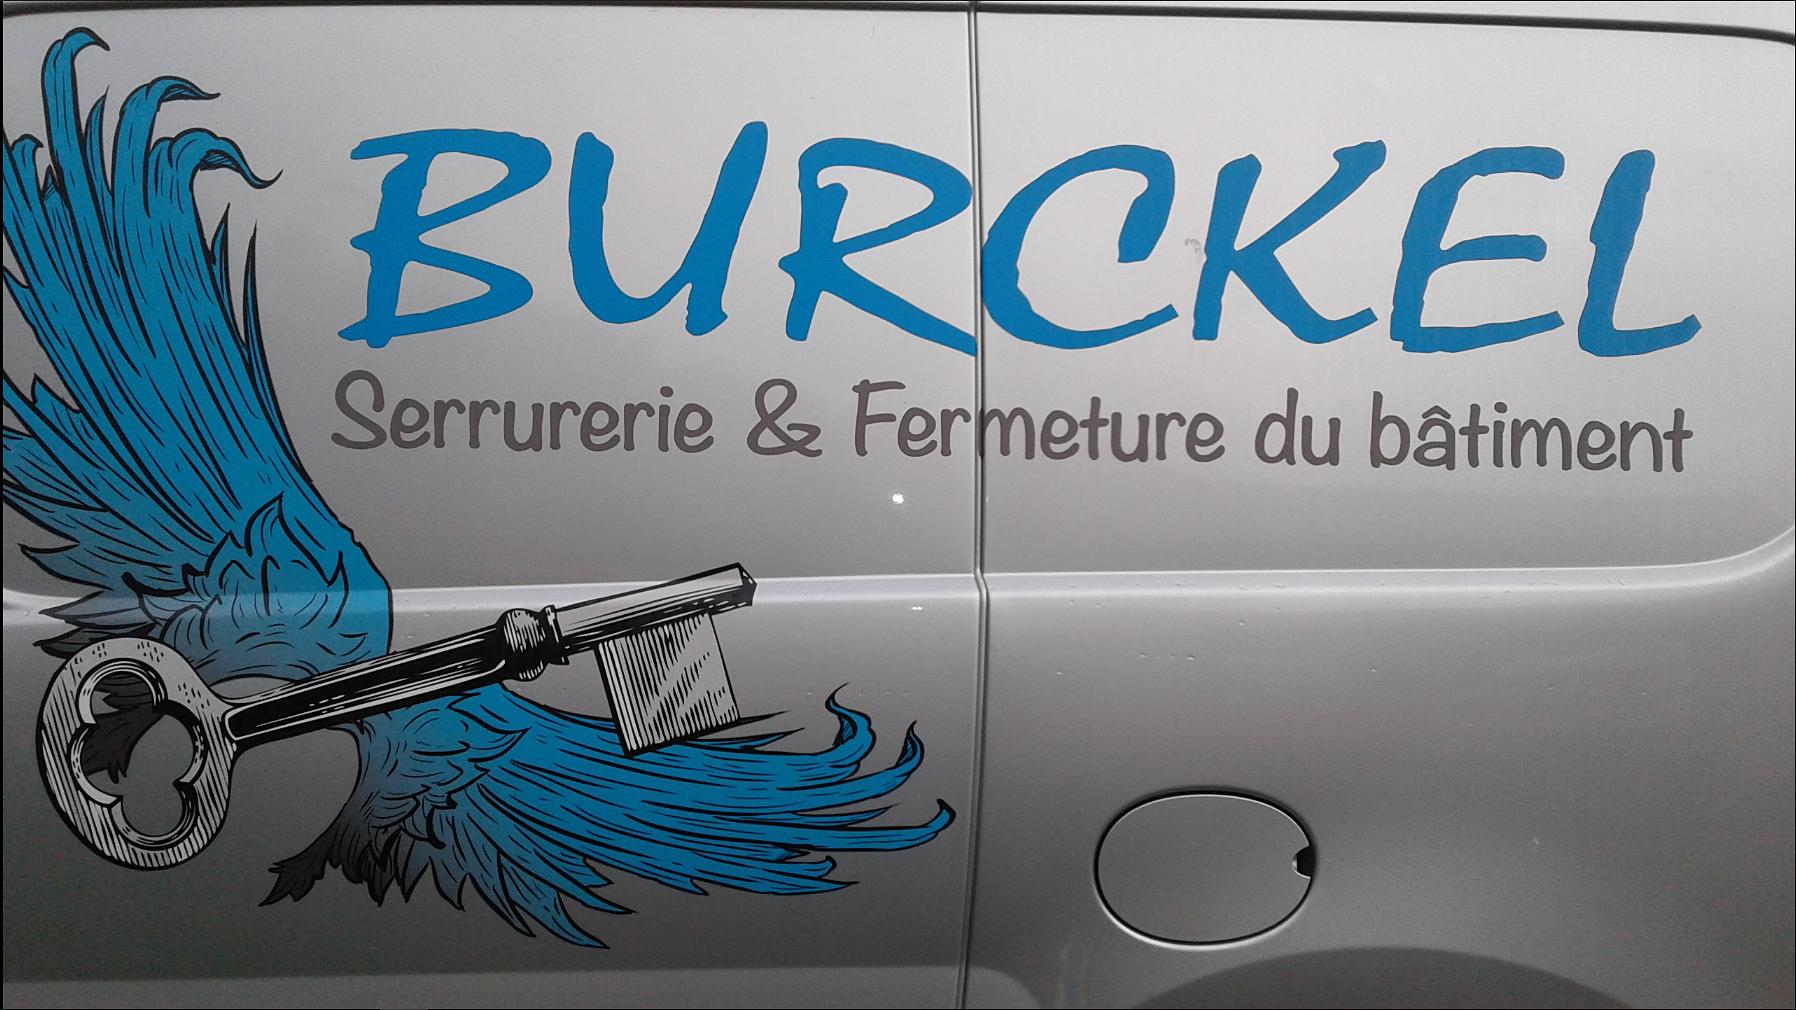 Burckel Serrurerie Julien